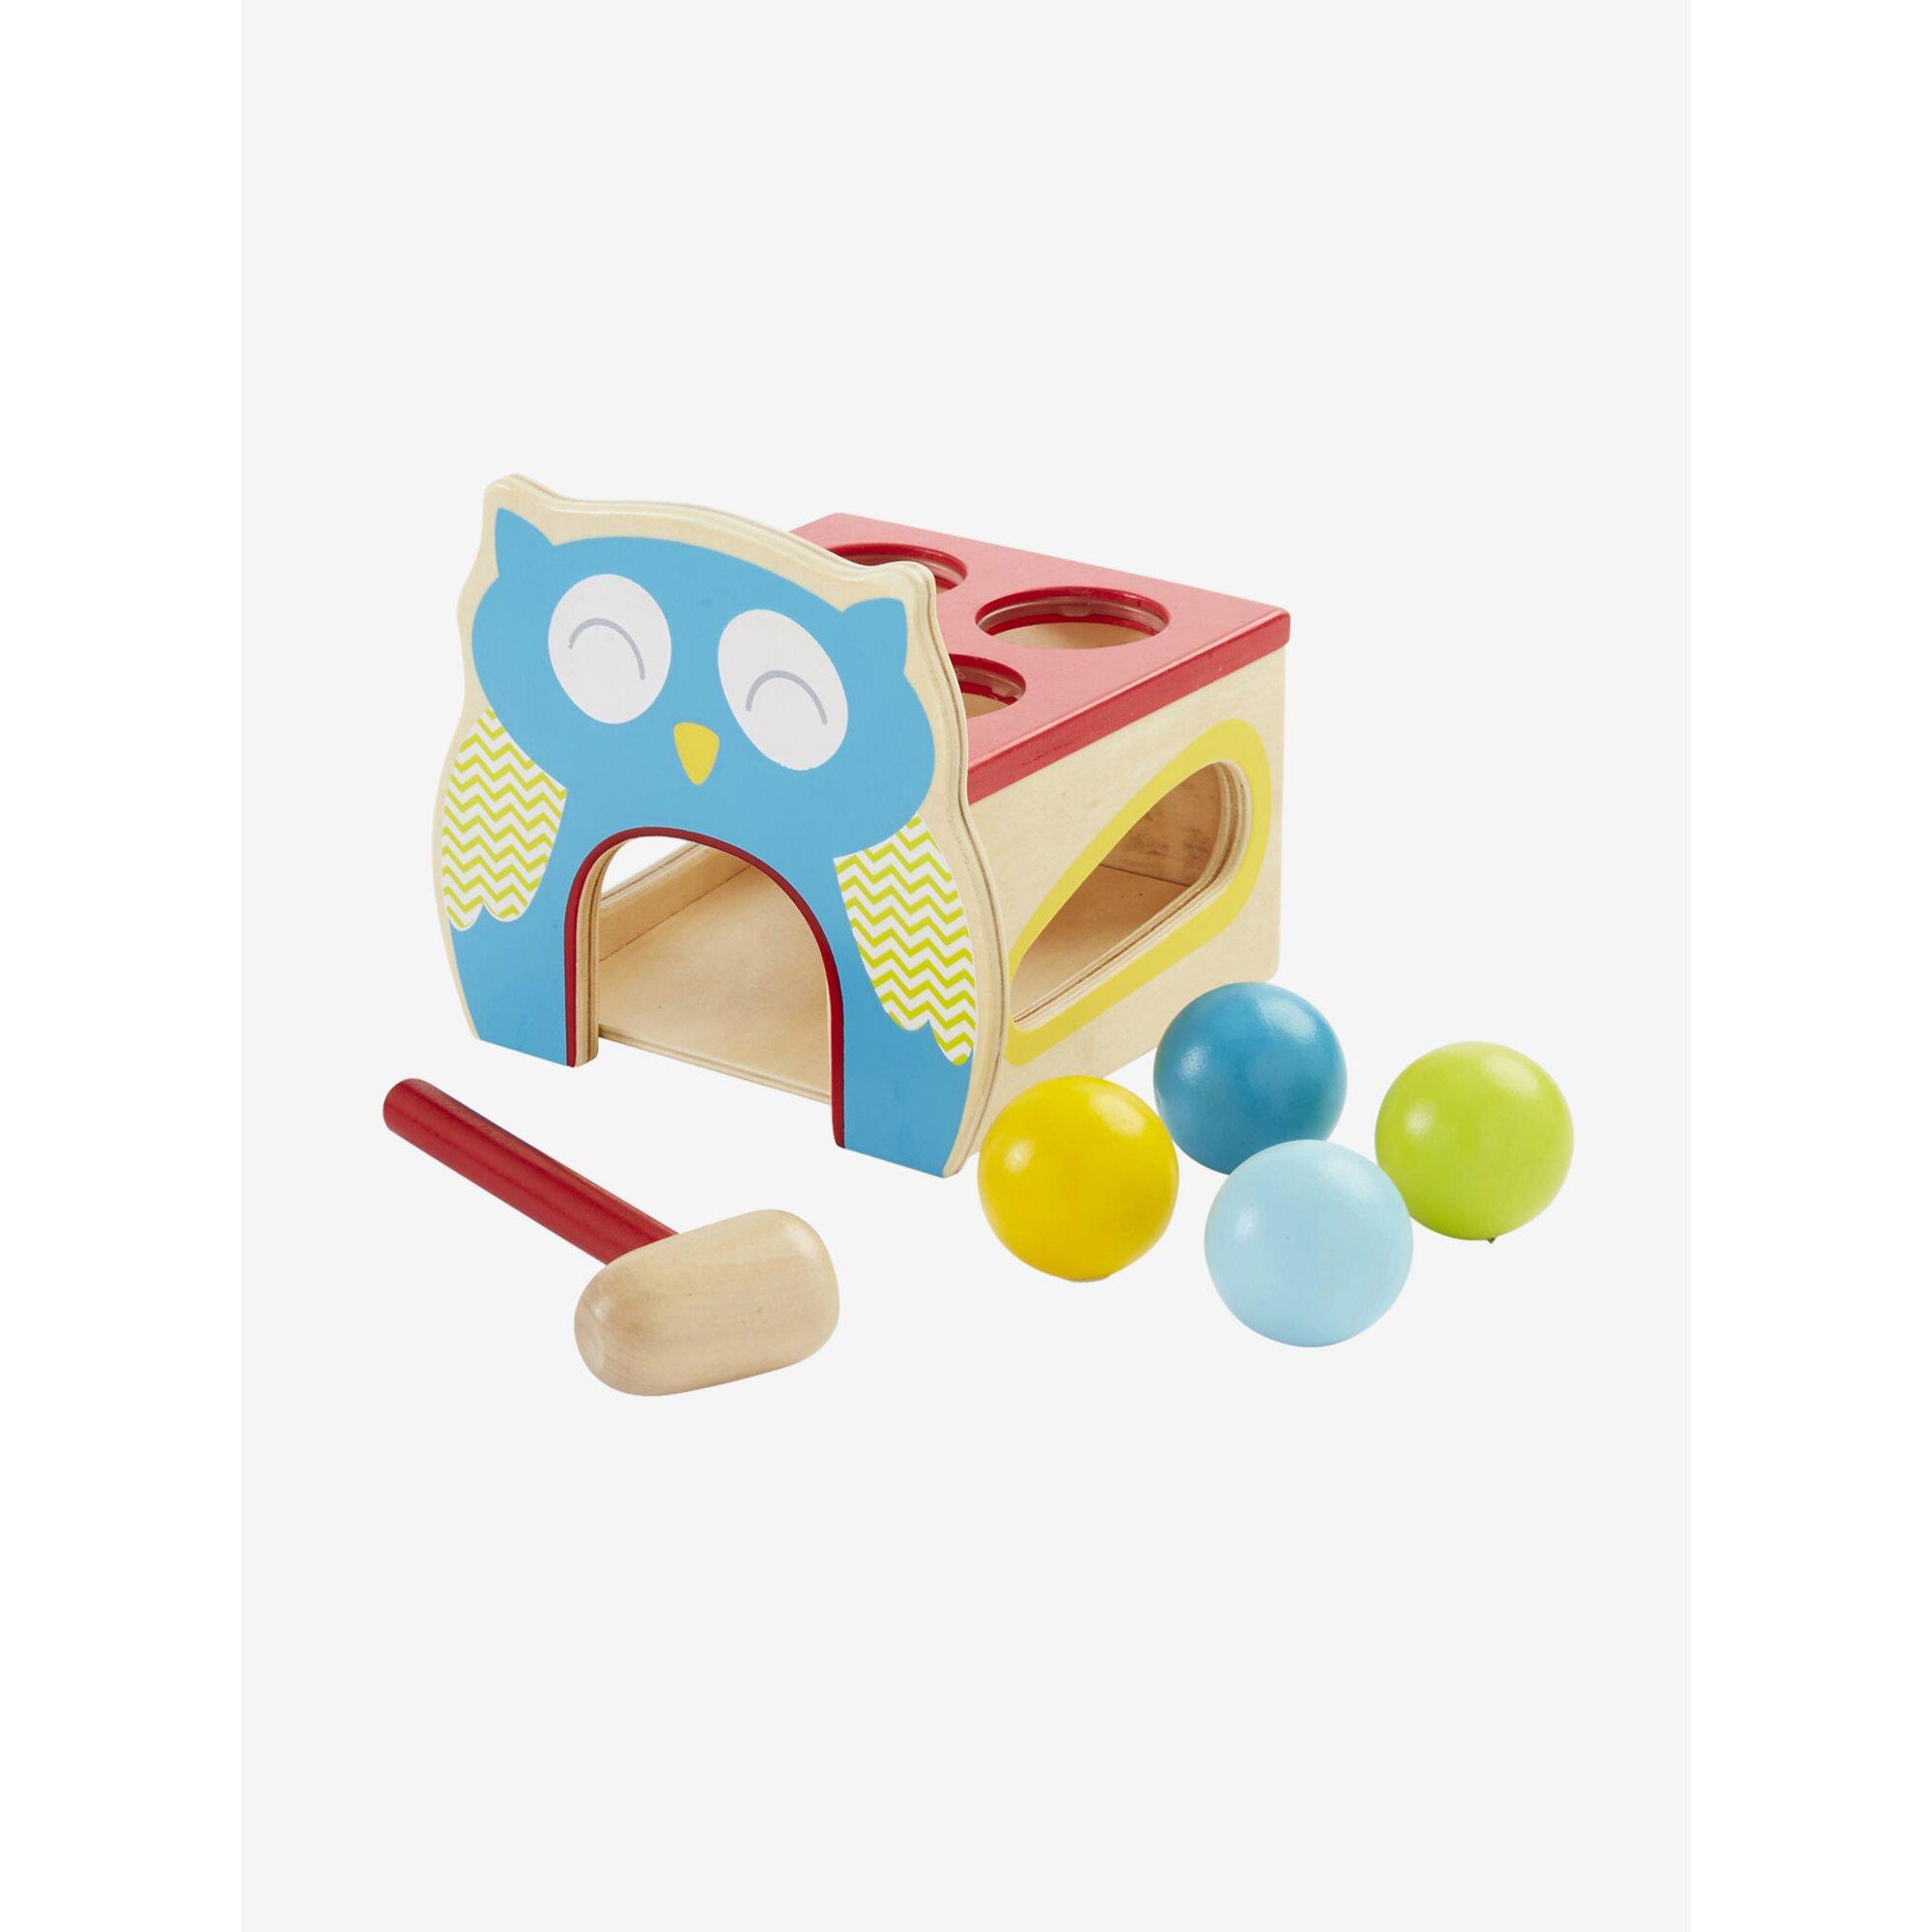 vertbaudet-klopfspielzeug-aus-holz-eule-mehrfarbig